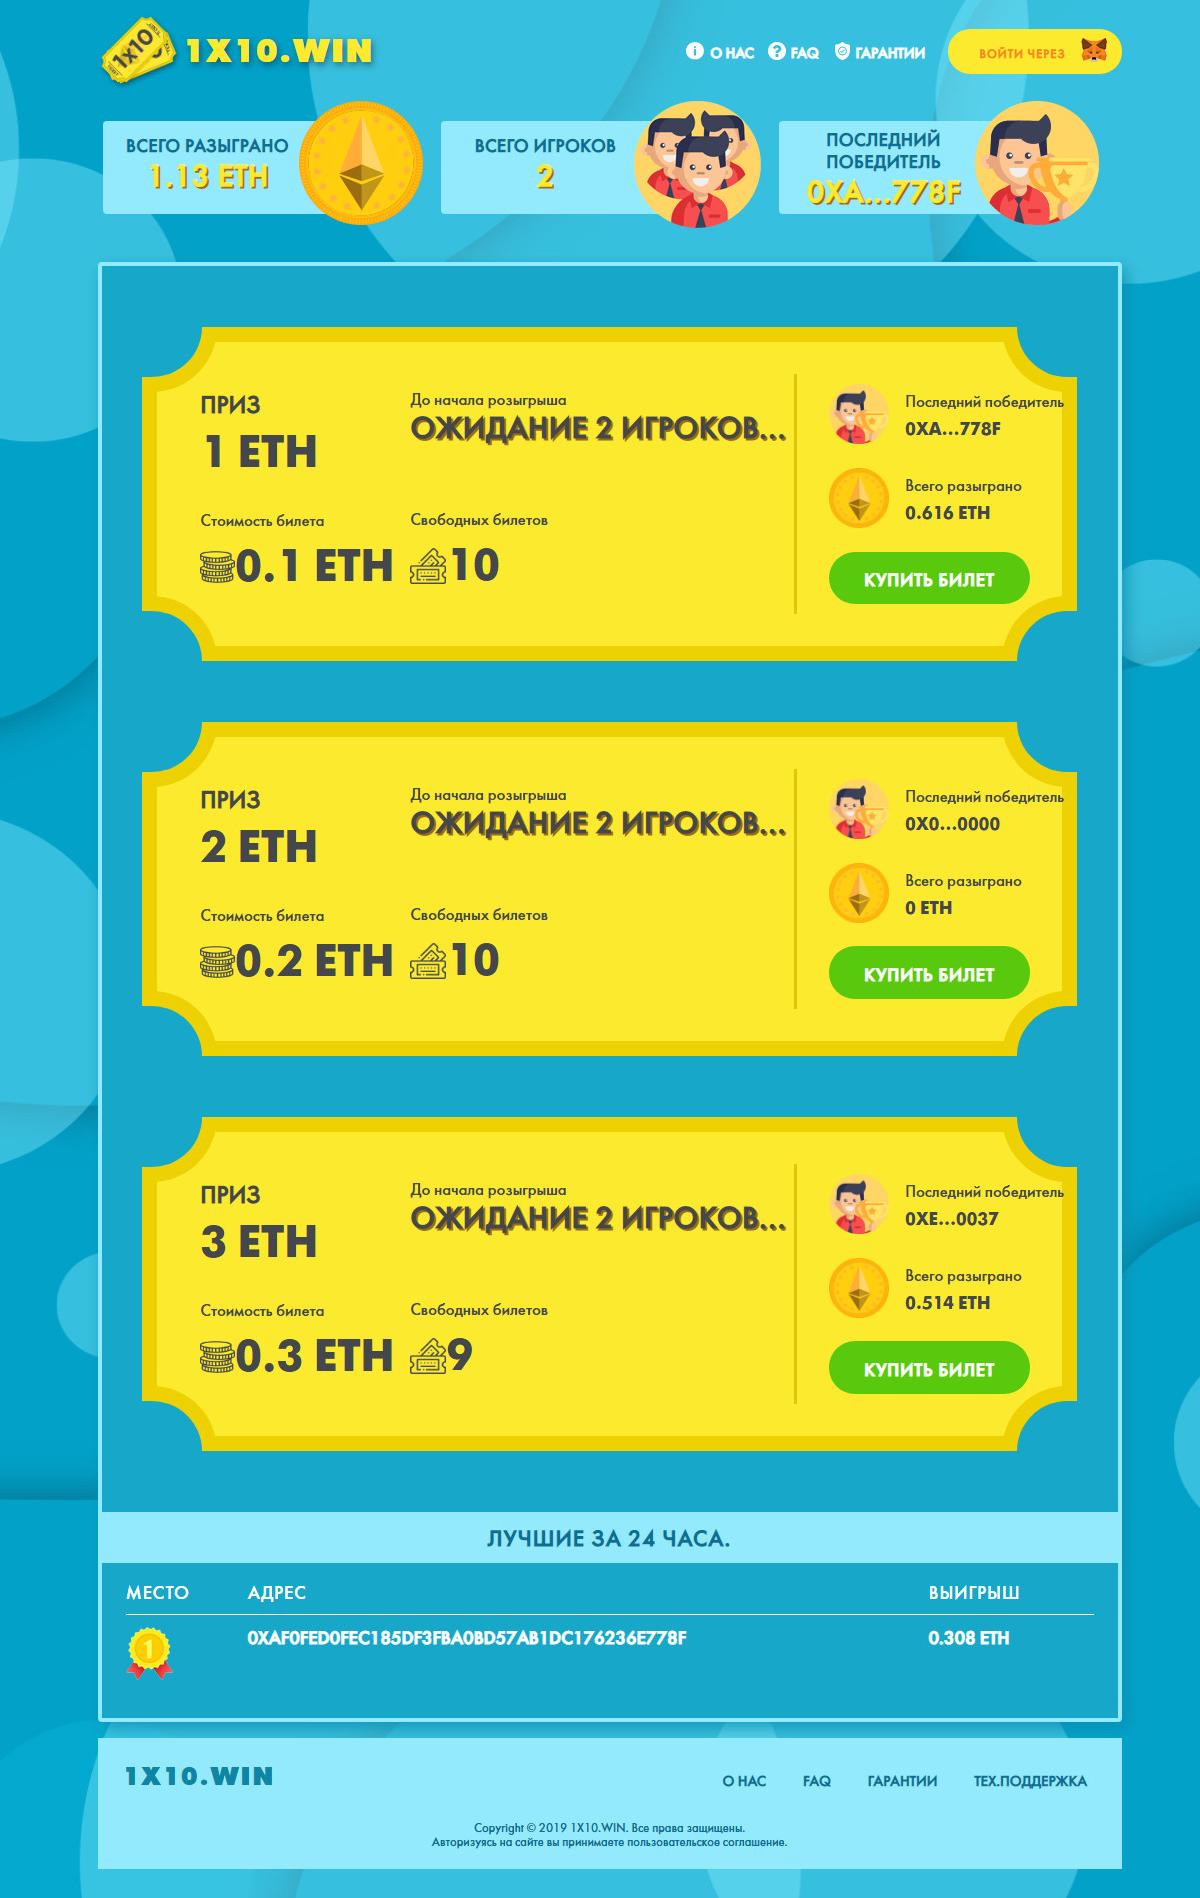 1x10: билеты (кейсы) на смартконтракте ETH